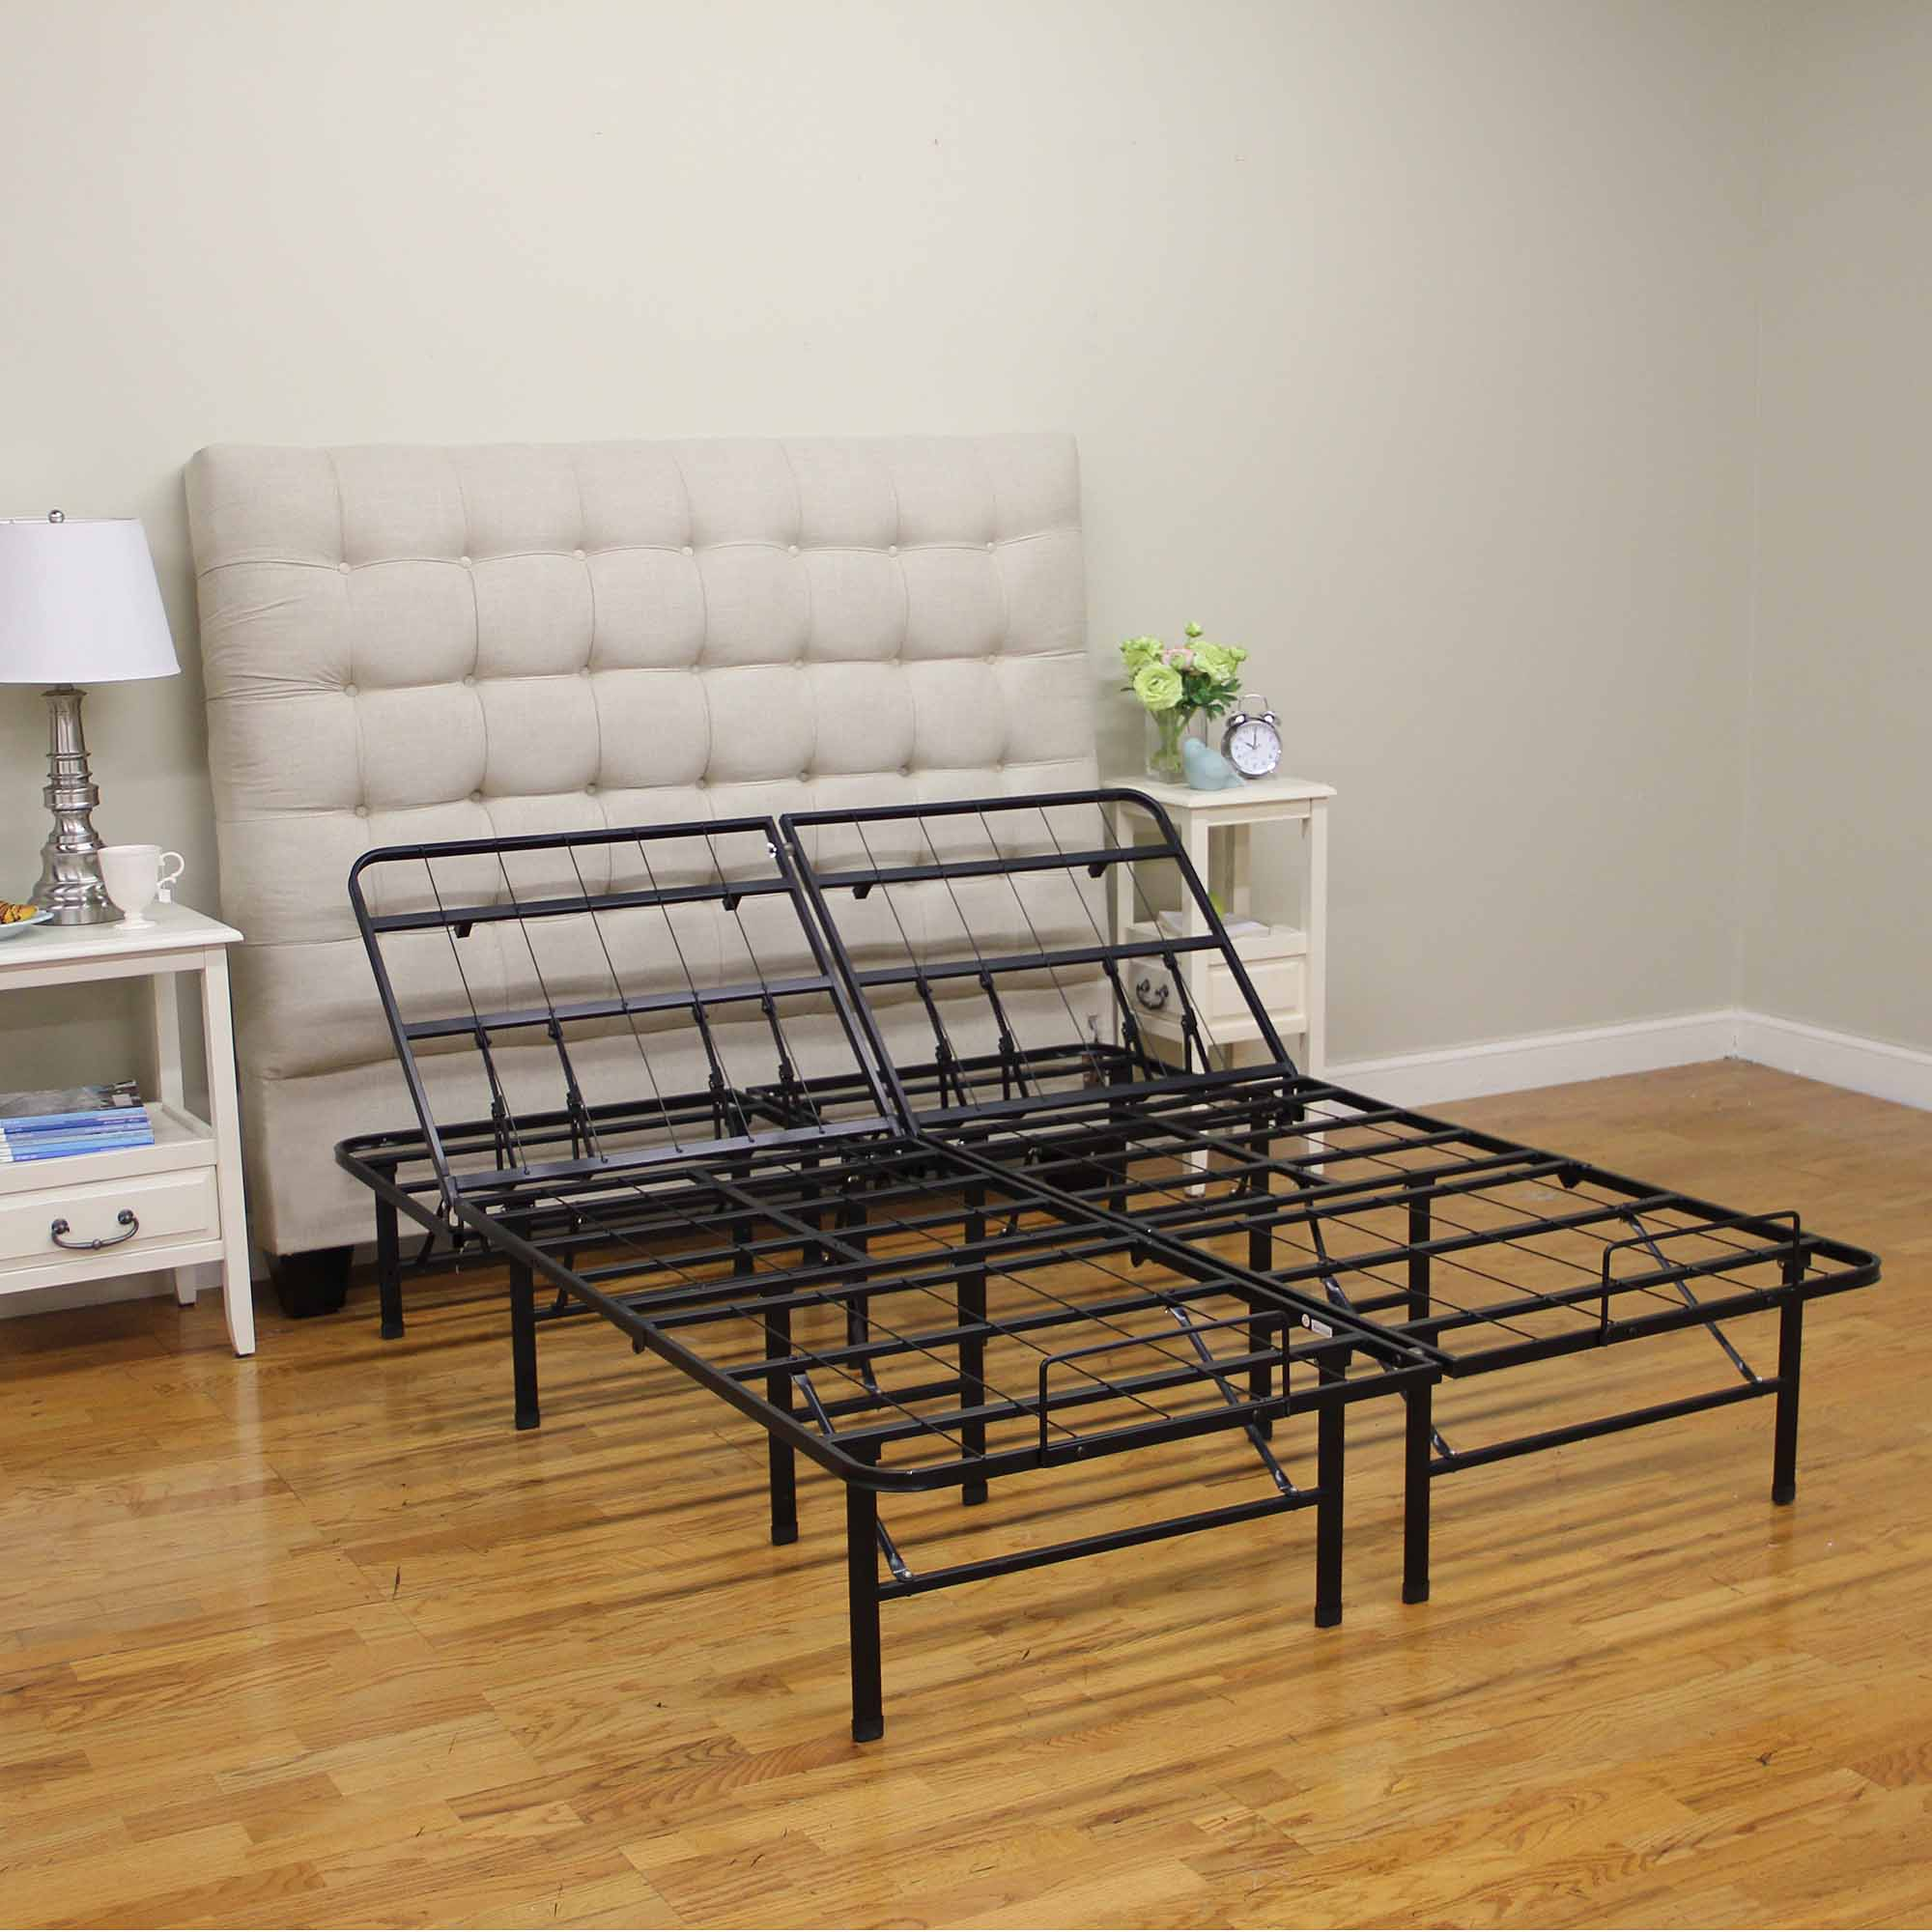 modern sleep adjustable platform metal bed frame walmartcom - King Size Adjustable Bed Frame